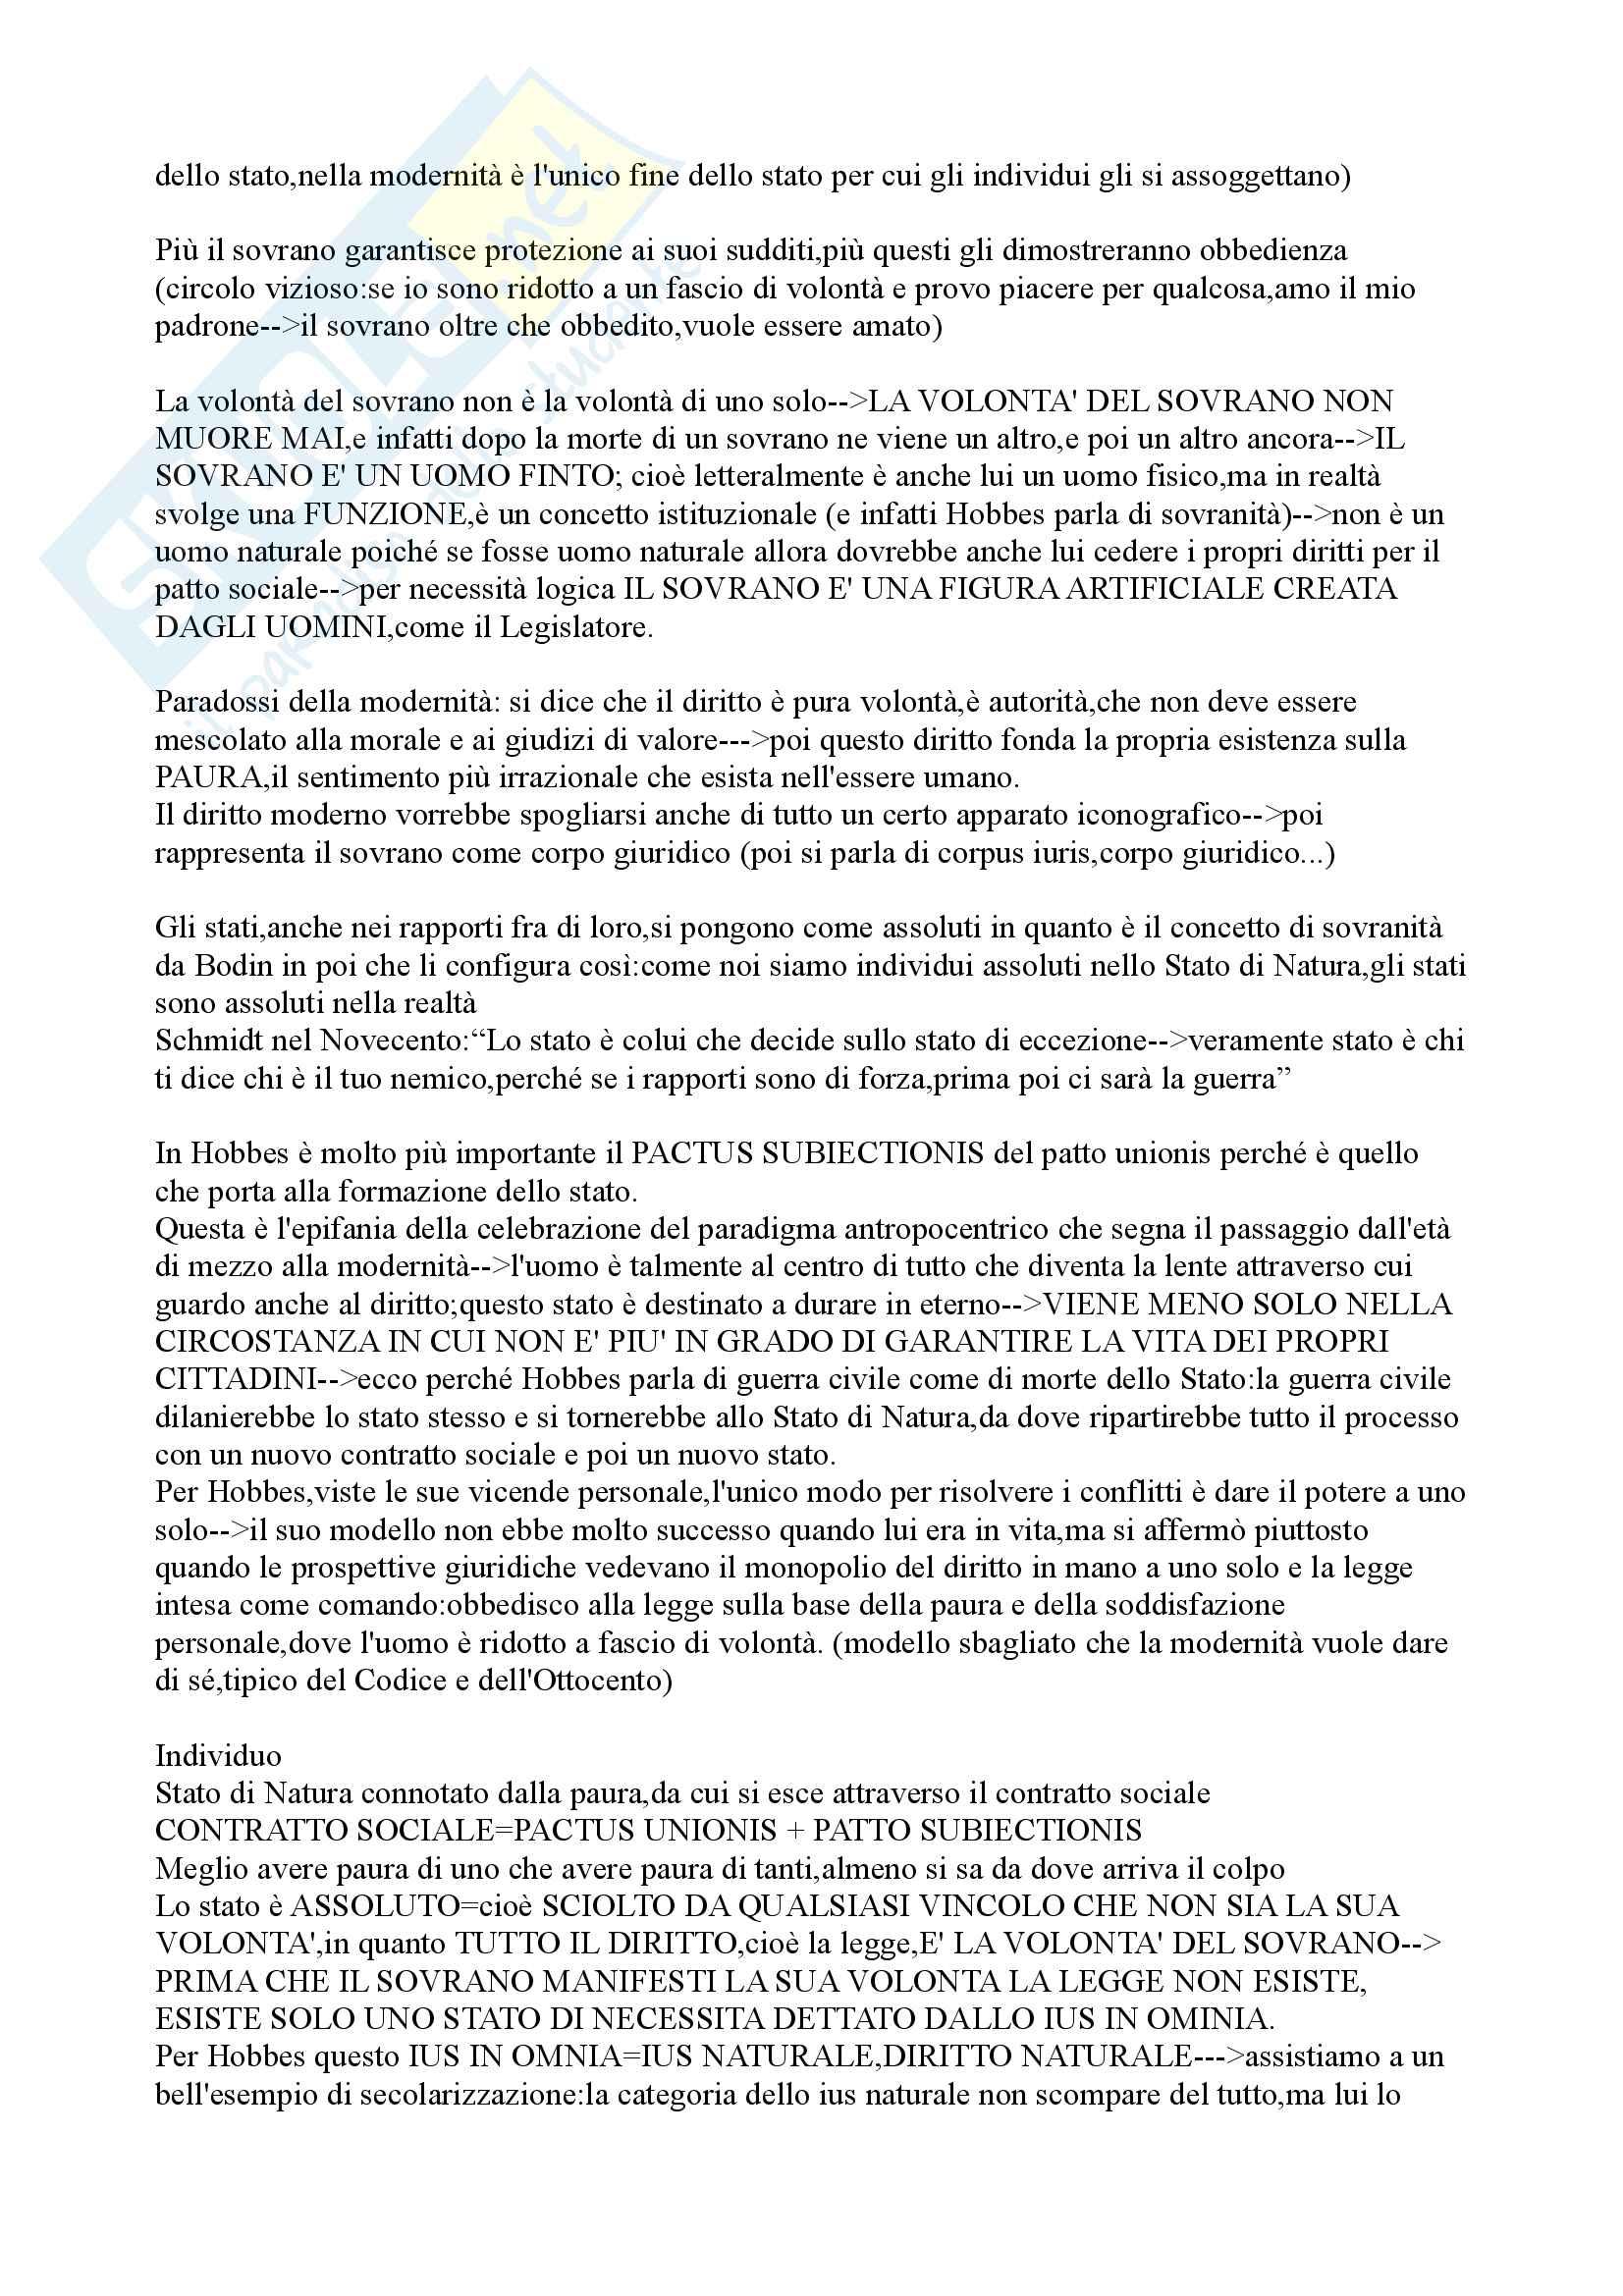 Appunti filosofia del diritto prof MANZIN A/L 2015 Giurisprudenza Università di Trento parte 3:San Tommaso,Grozio,Cartesio,Hobbes,Locke,Rousseau,Scolastica Pag. 31